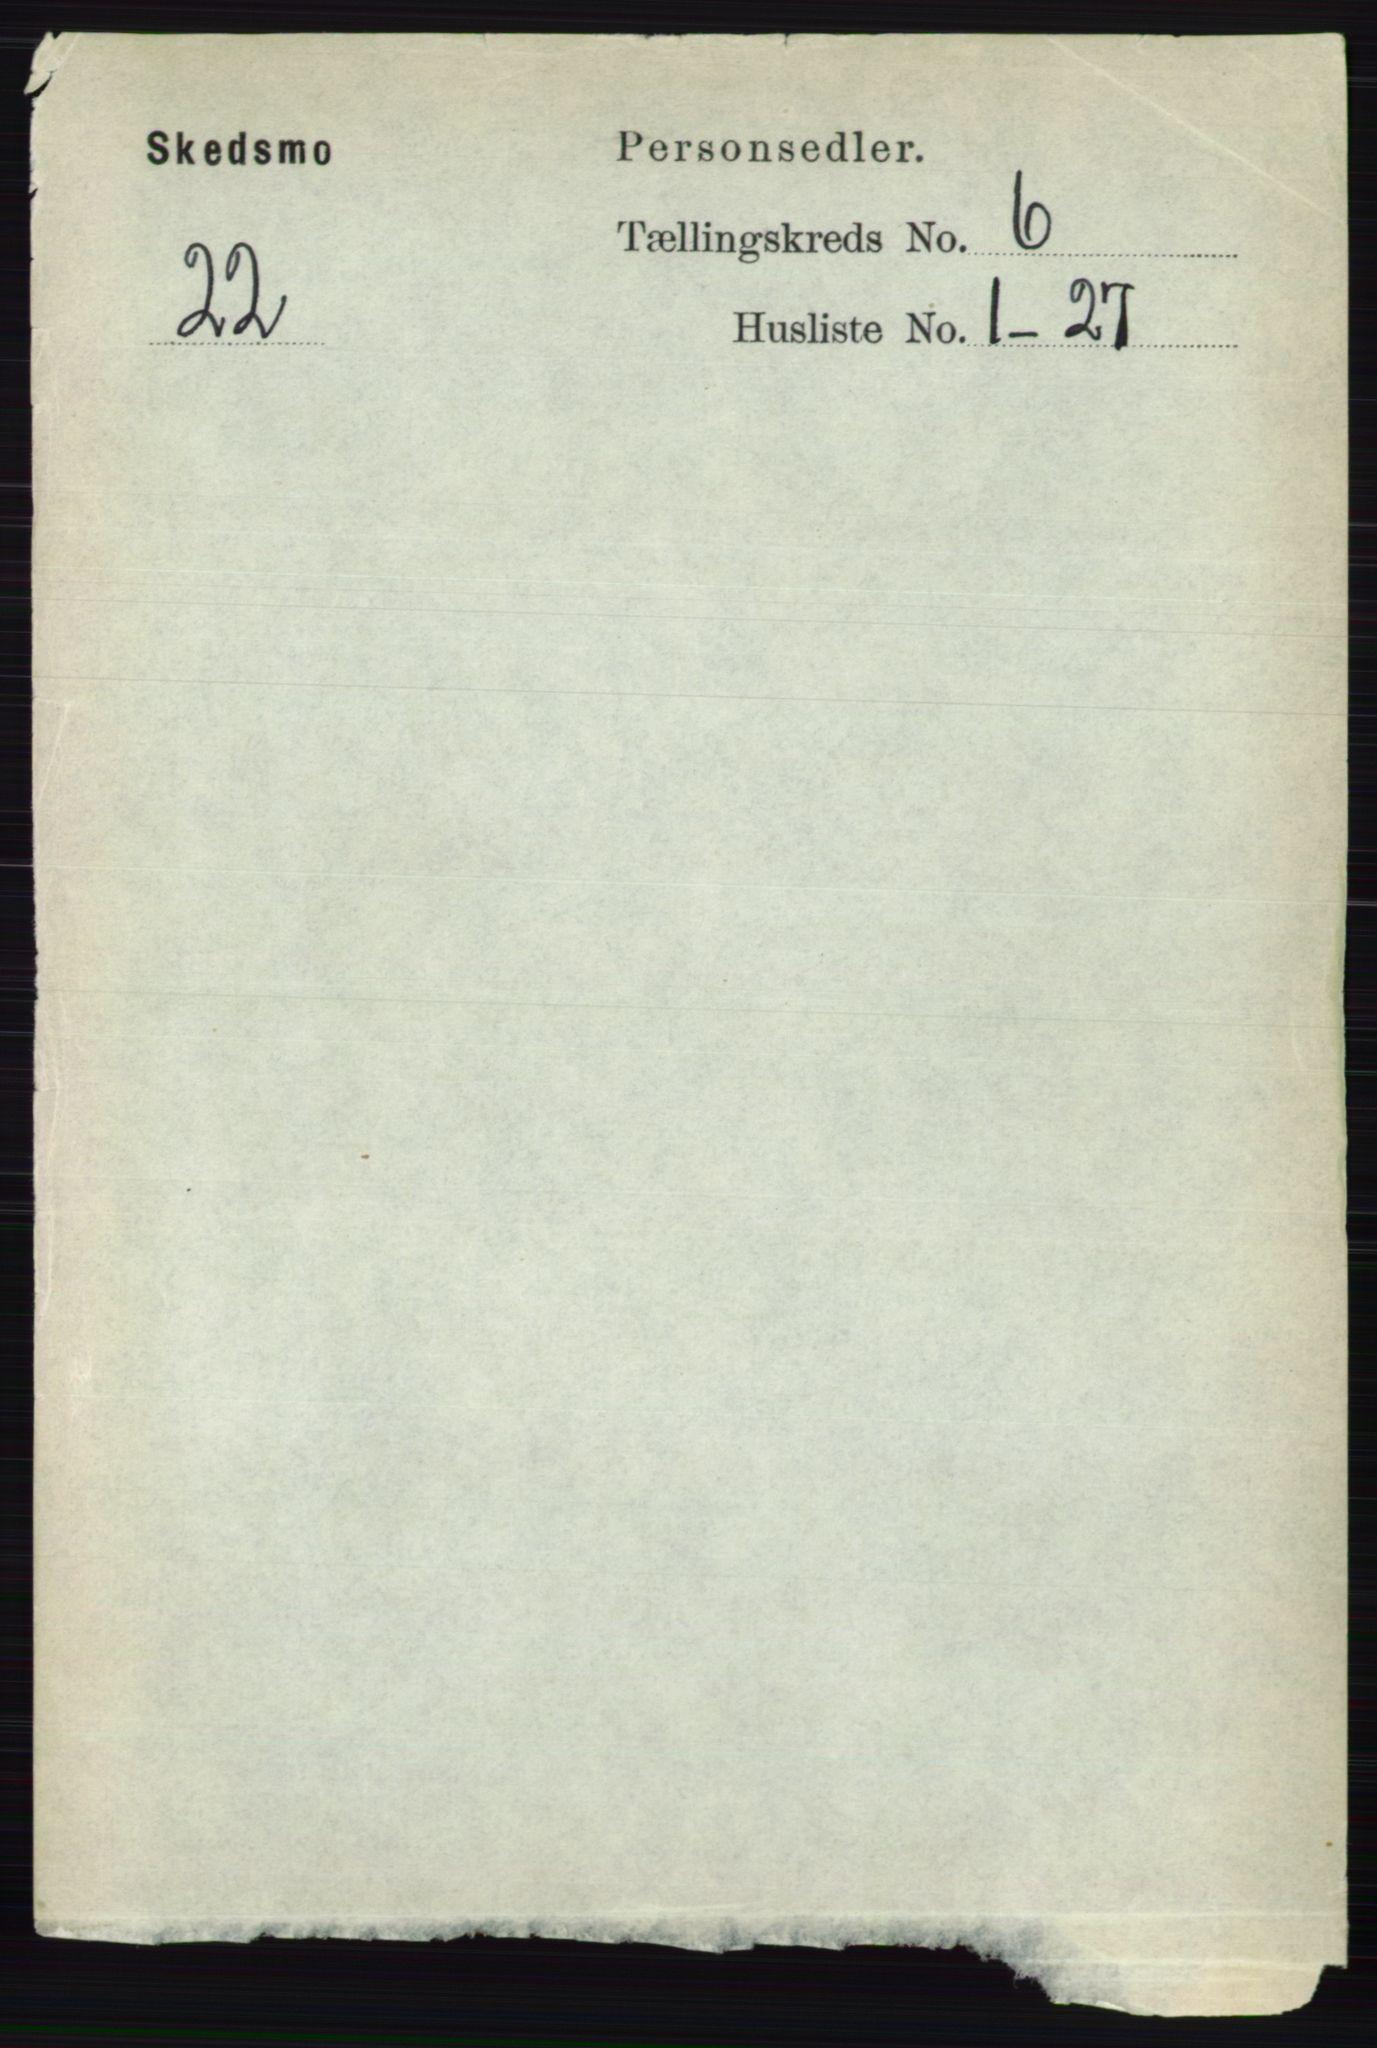 RA, Folketelling 1891 for 0231 Skedsmo herred, 1891, s. 2730